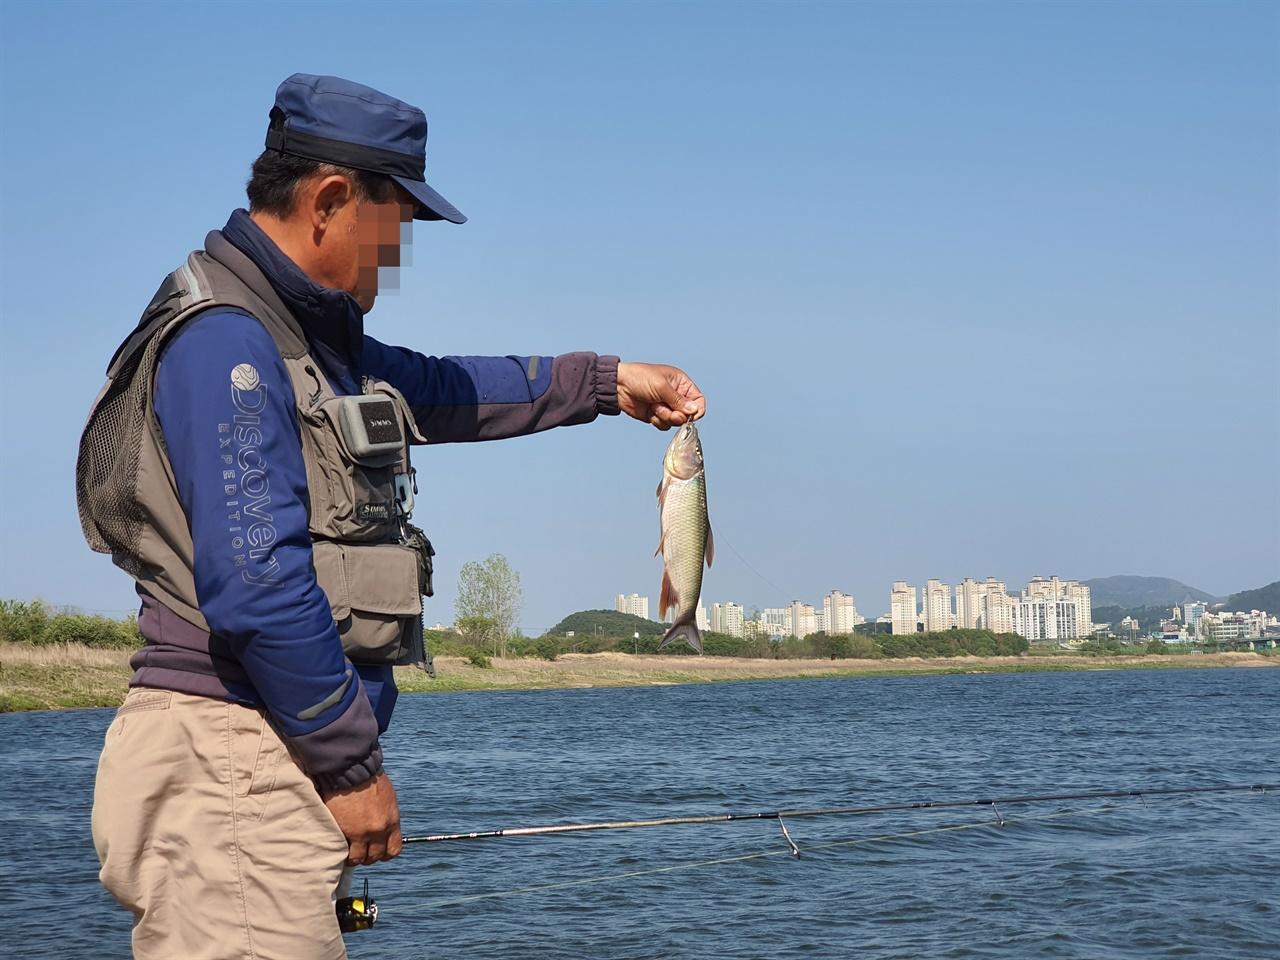 세종시에서 왔다는 낚시꾼이 끄리를 잡아냈다. 이 지역에서는 이 물고기를 '칠어'라고 부르기도 한다.